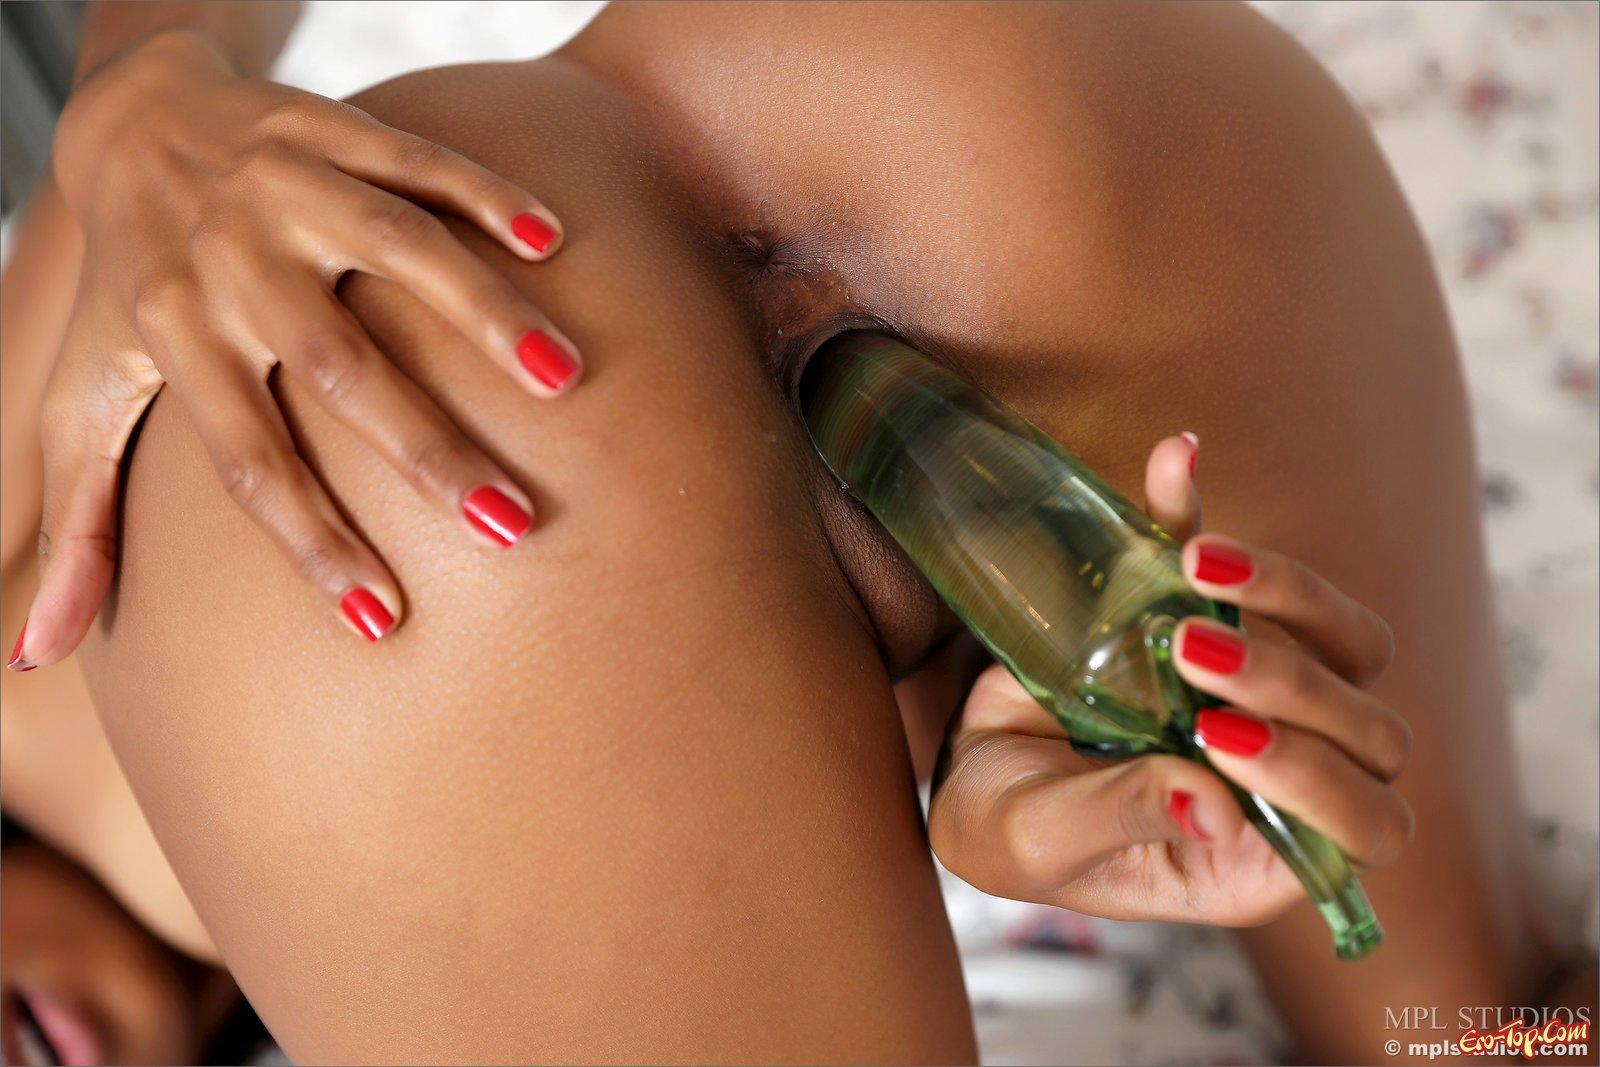 Негритянка мастурбирует фаллоимитатором на кроватке